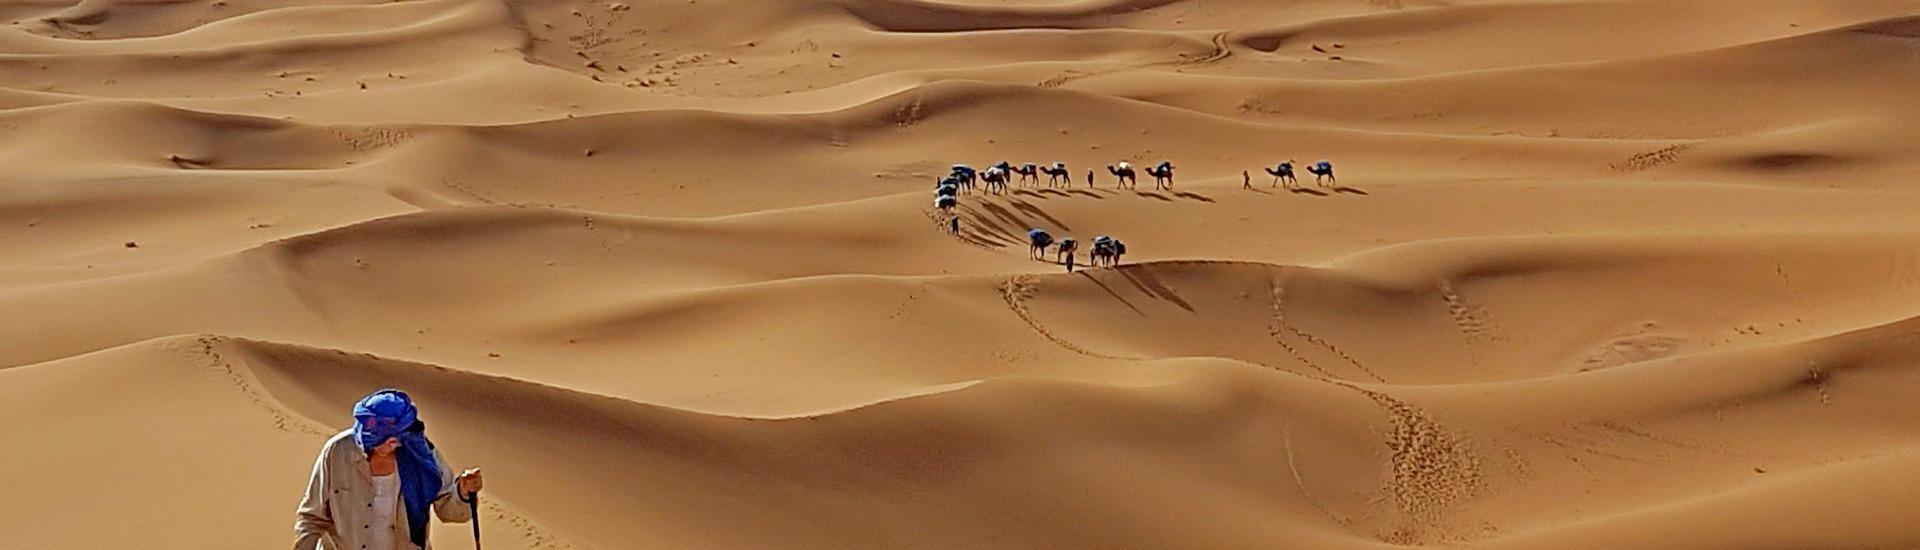 Maroko - gwiezdny pył Sahary